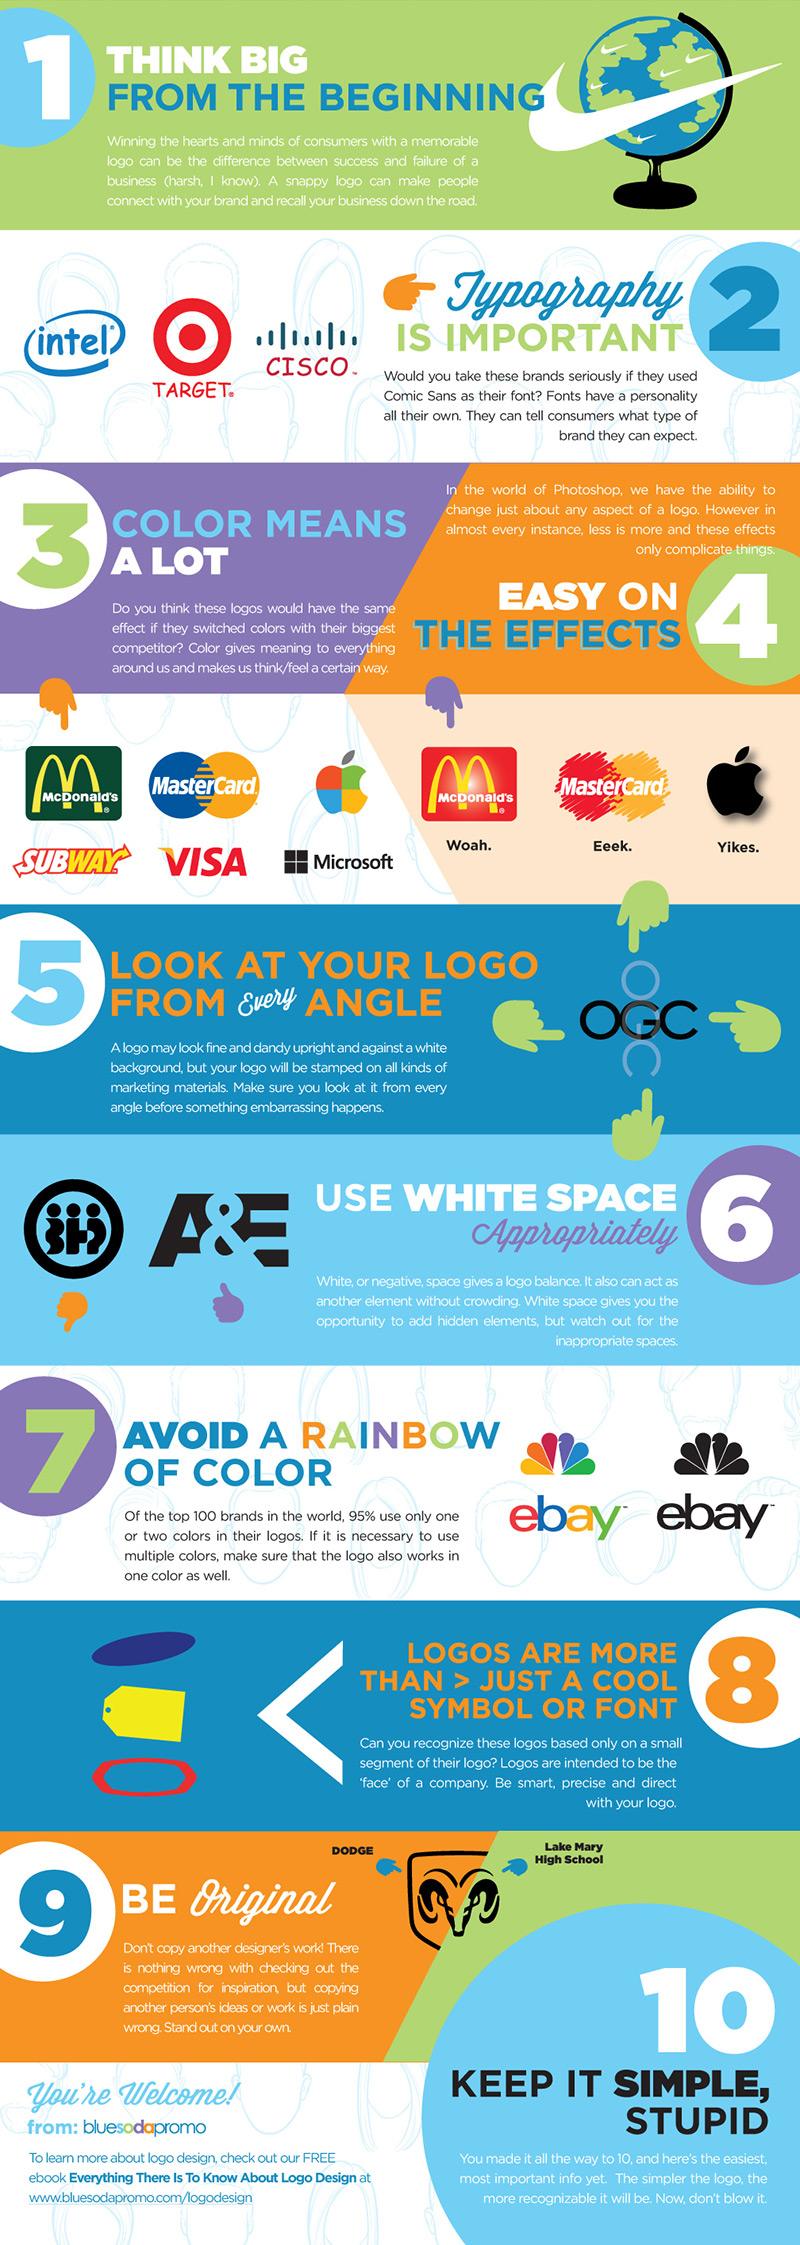 10-things-logo-design